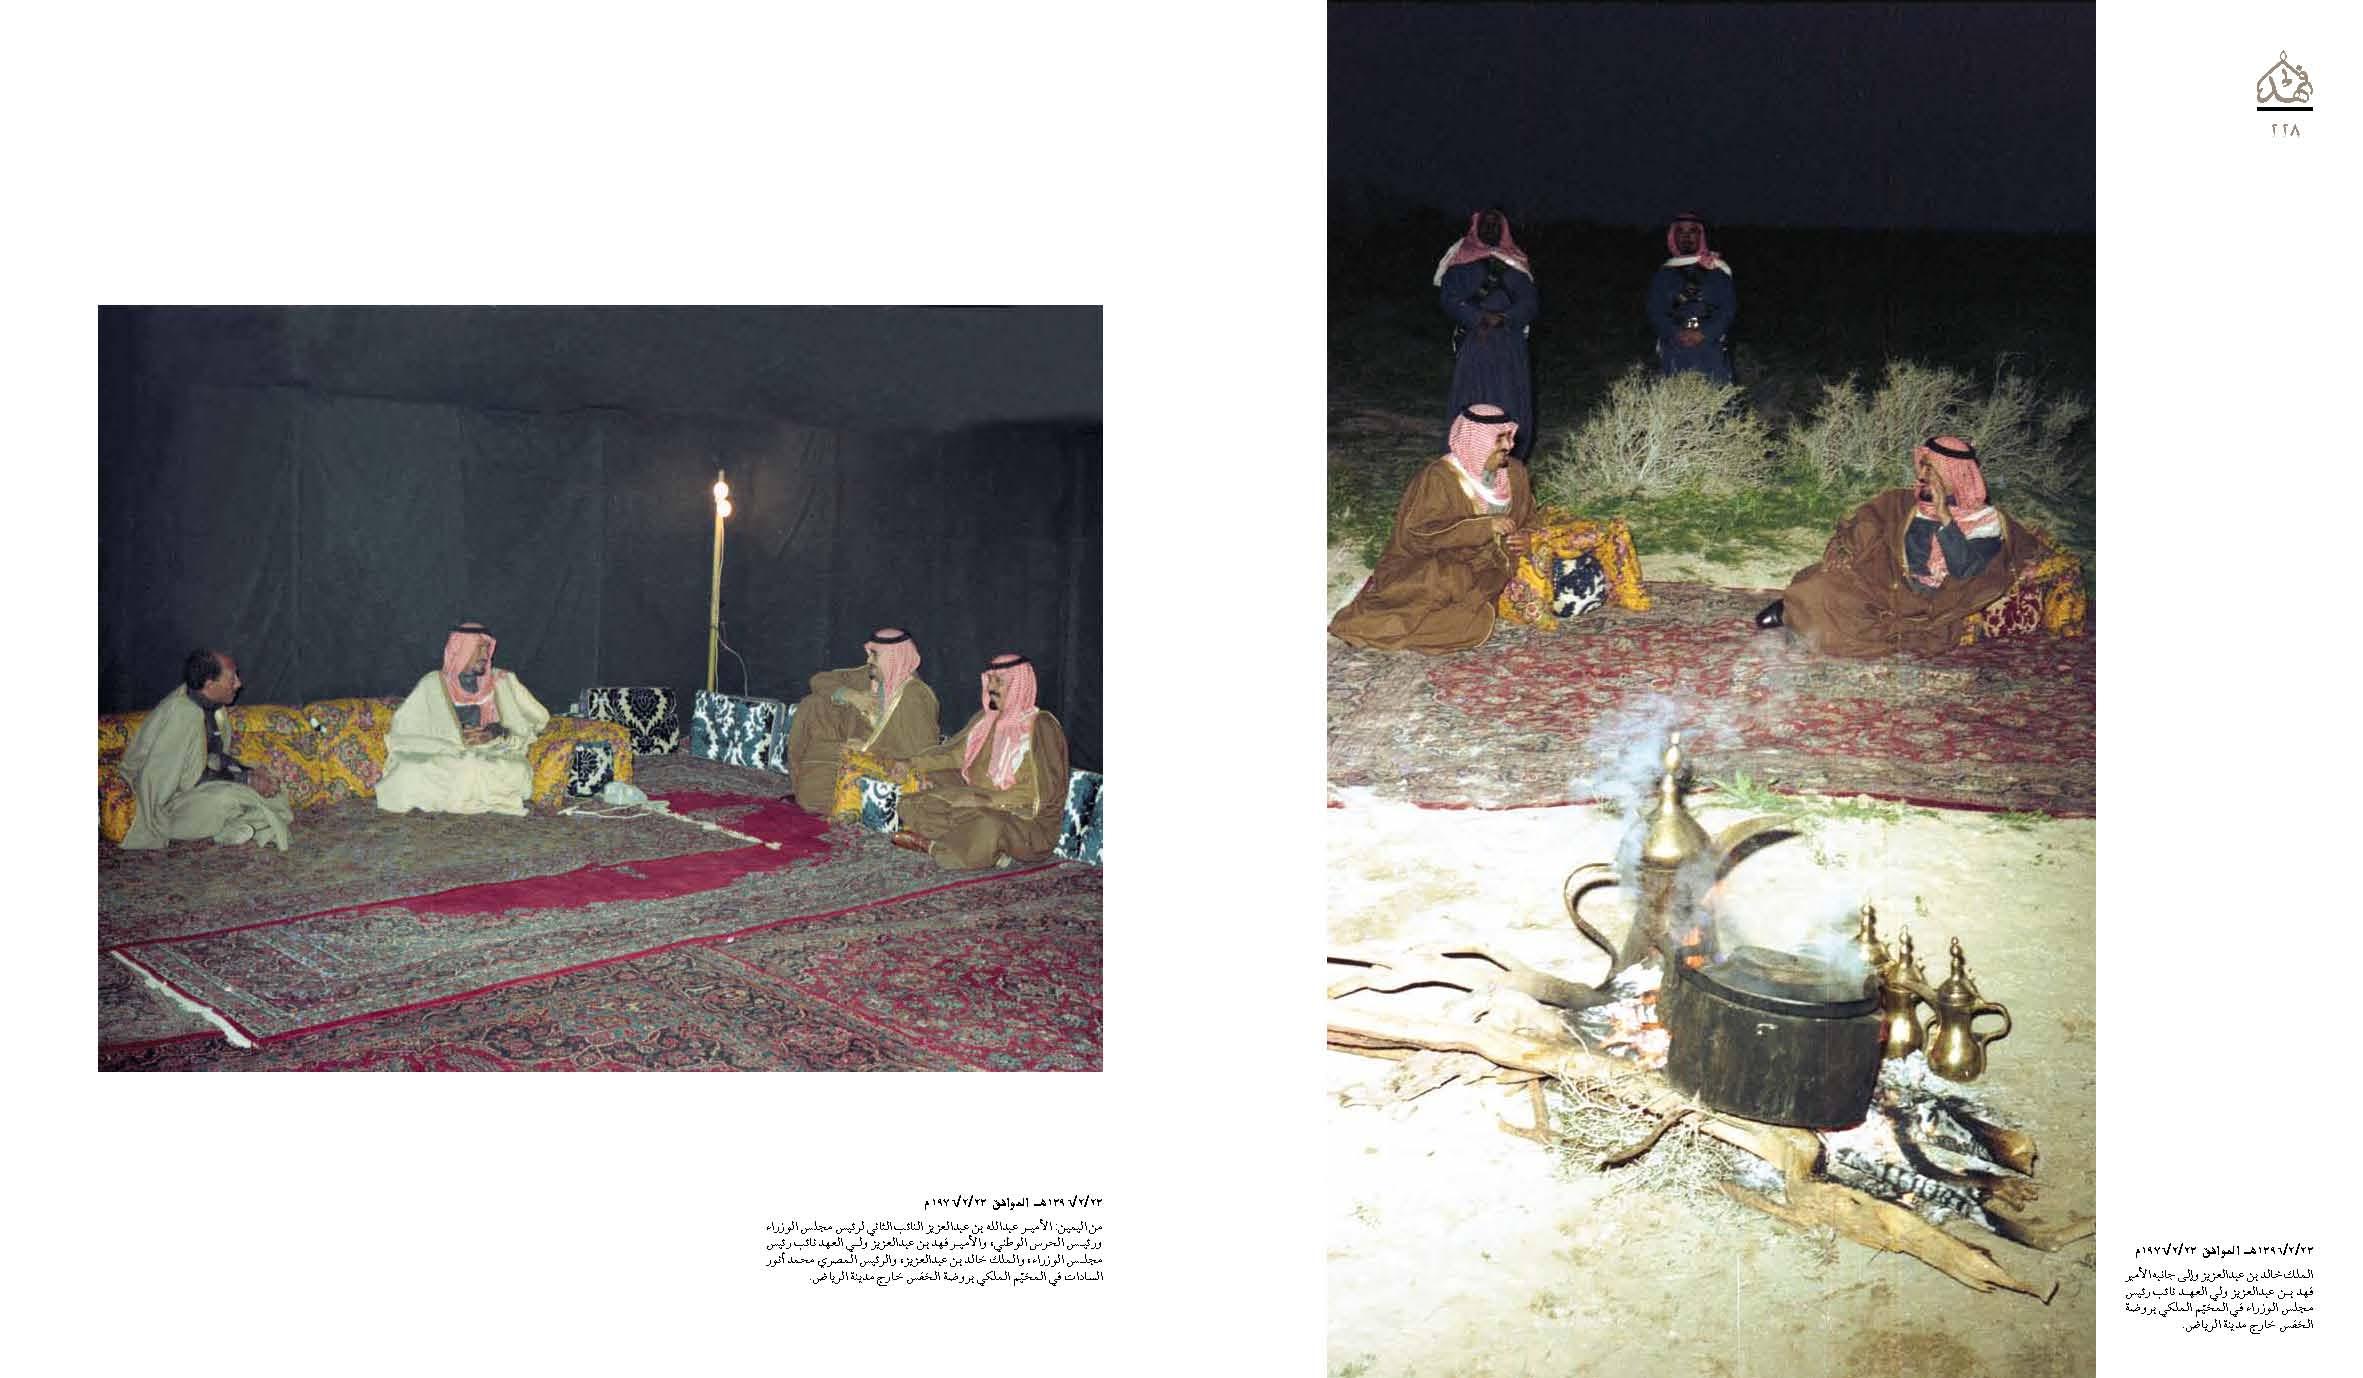 """صور نادرة للملك فهد في """"كتاب"""" 11323496-5aa0-42d1-8104-b949ceaa4c98"""